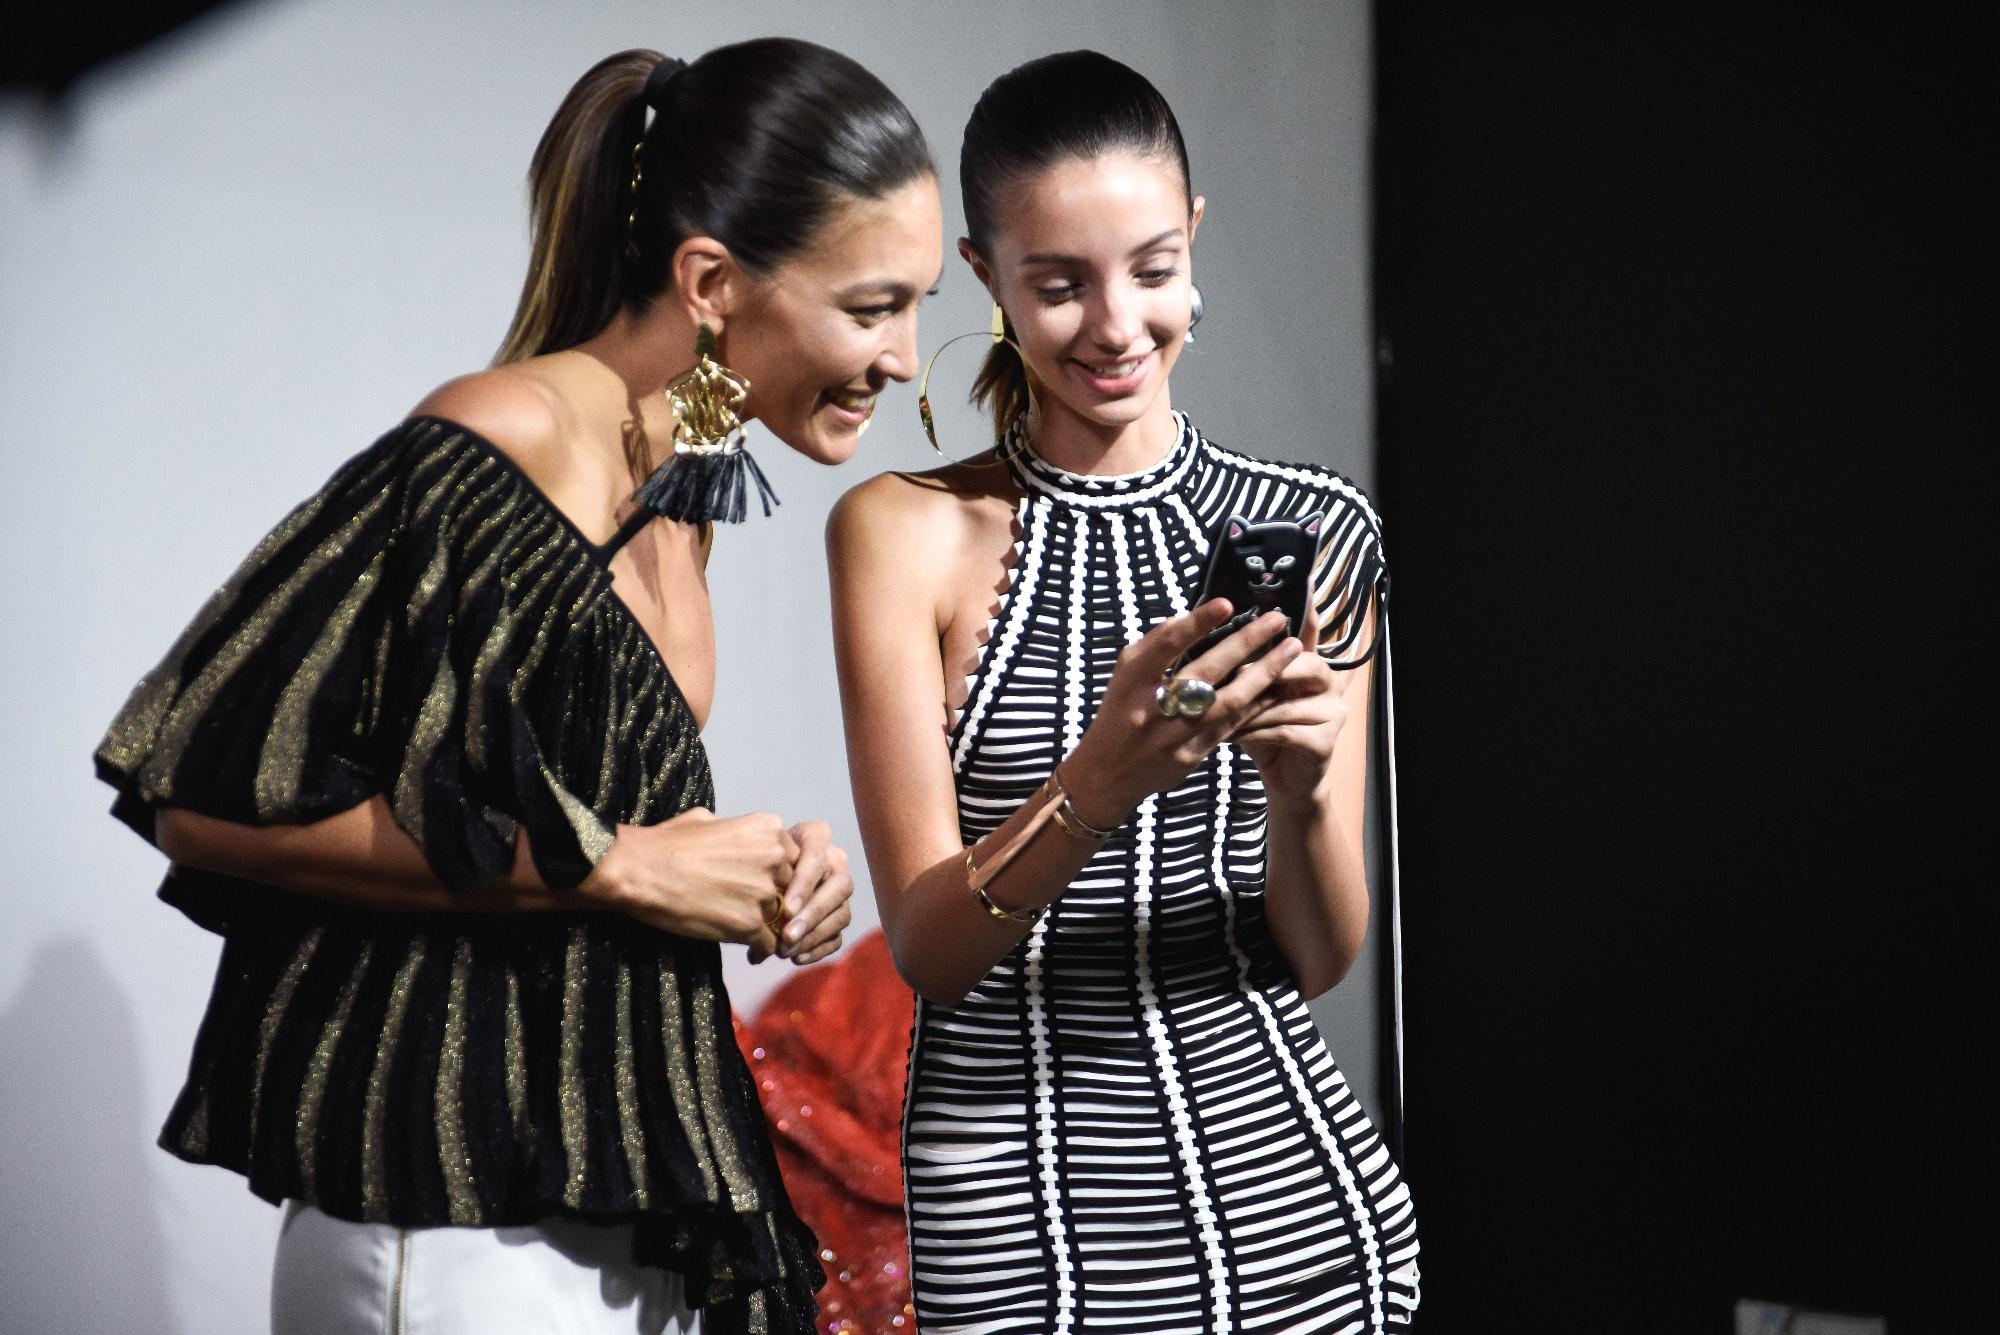 digital-fashion-design-ideas